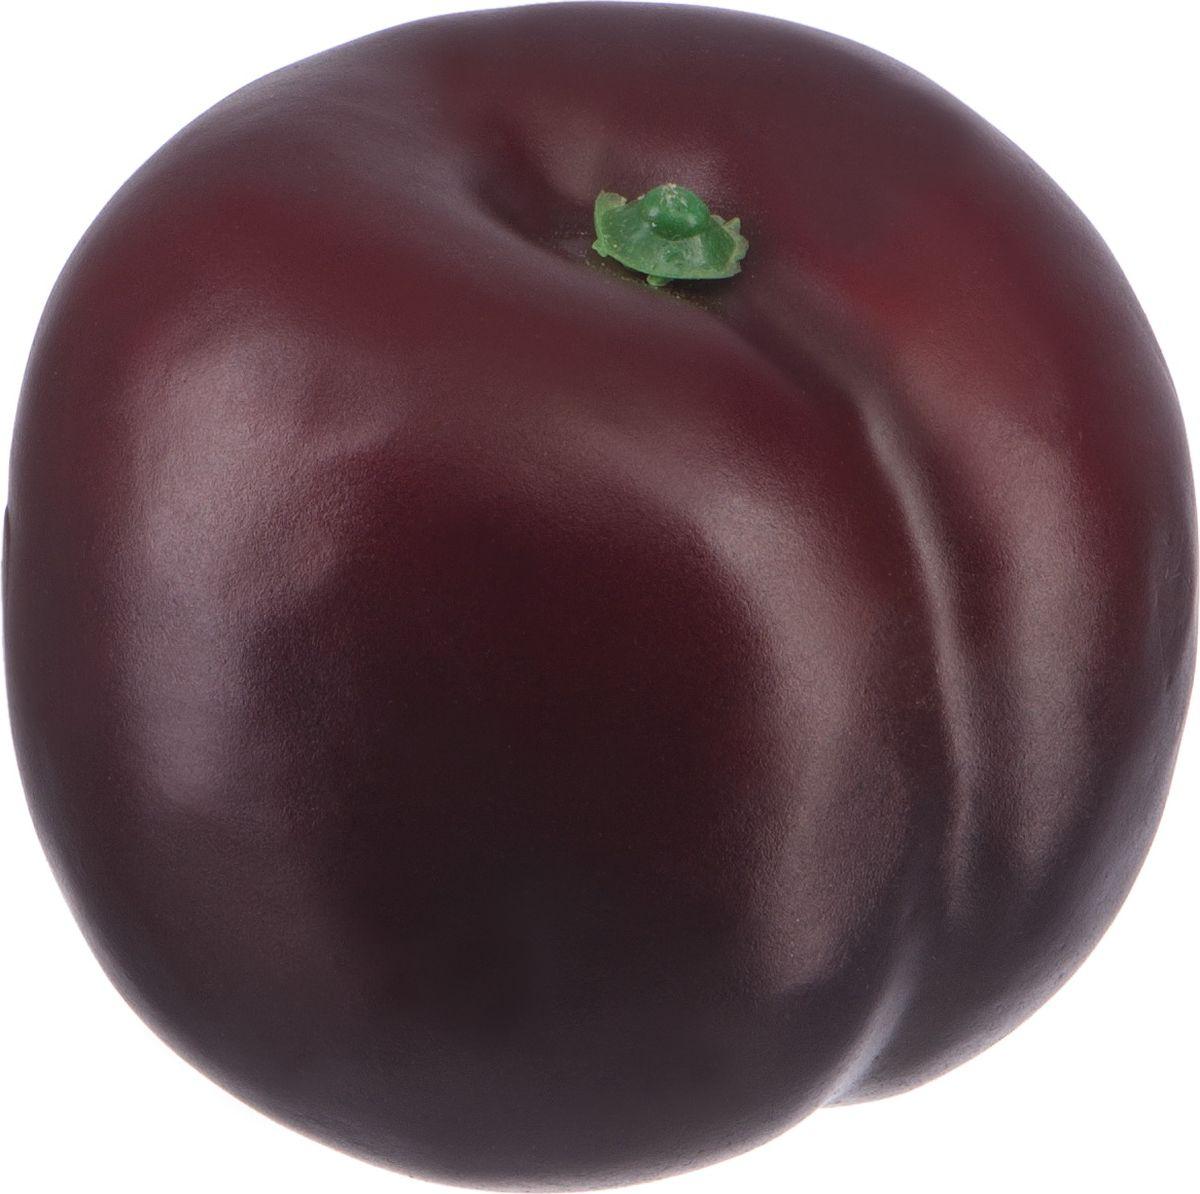 Муляж Engard Слива, 7 смFR-29Искусственный фрукт - это идеальный способ украсить кухню или способ придать яркости интерьеру. Фрукт выглядит реалистично, сочно и ярко. Благодаря высокому качеству фрукт не потускнеет со временем.